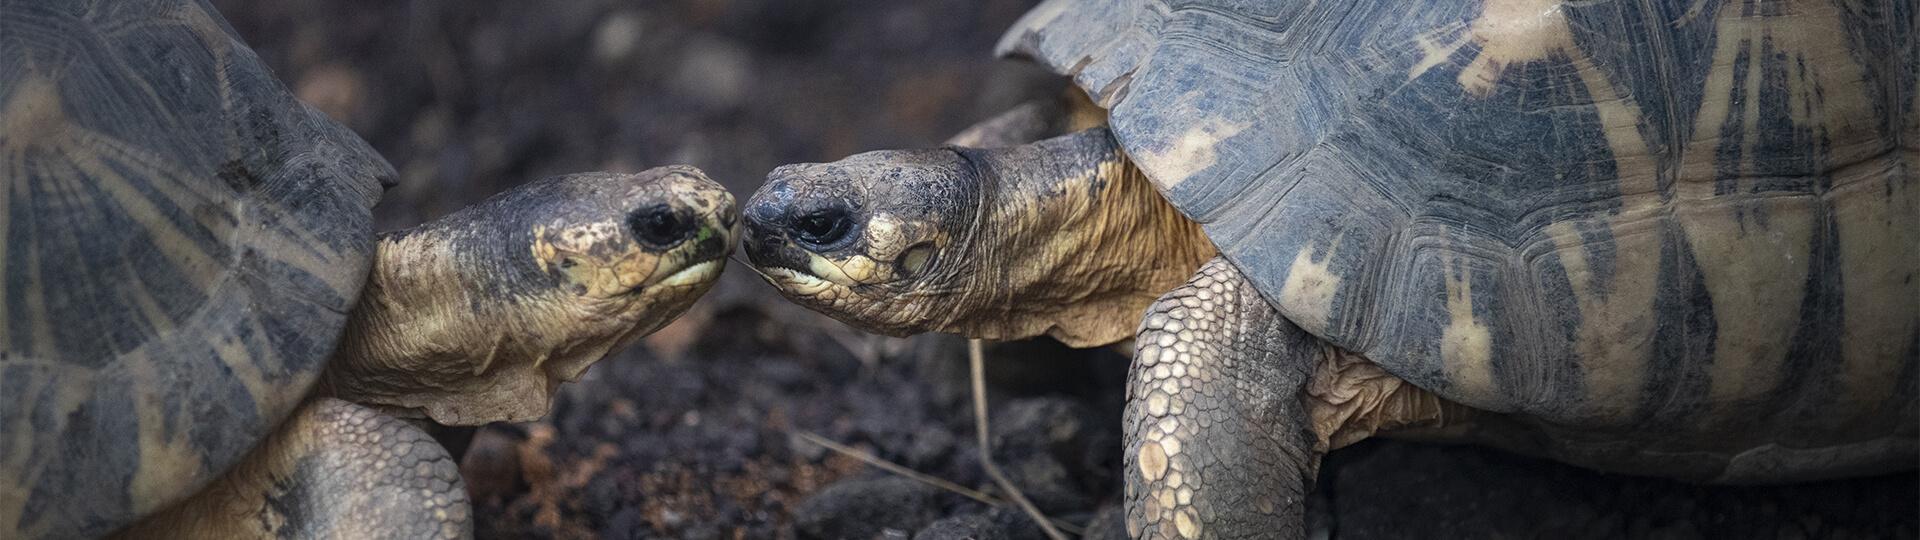 tortues radiées